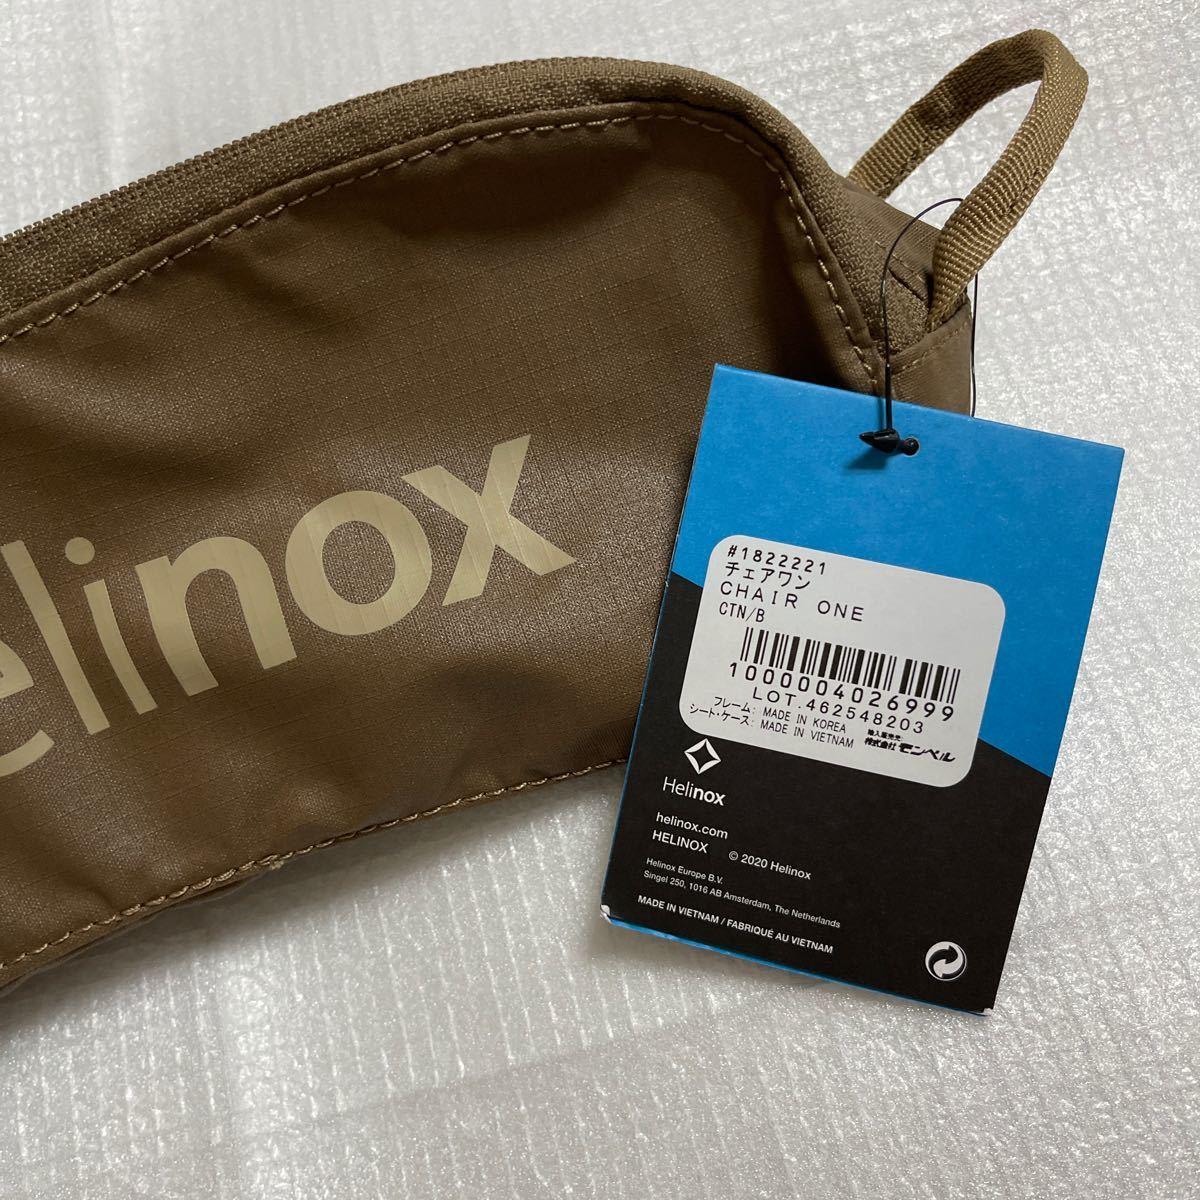 ヘリノックス Helinox チェアワン コヨーテ ブラウン 新品 ケースのみ